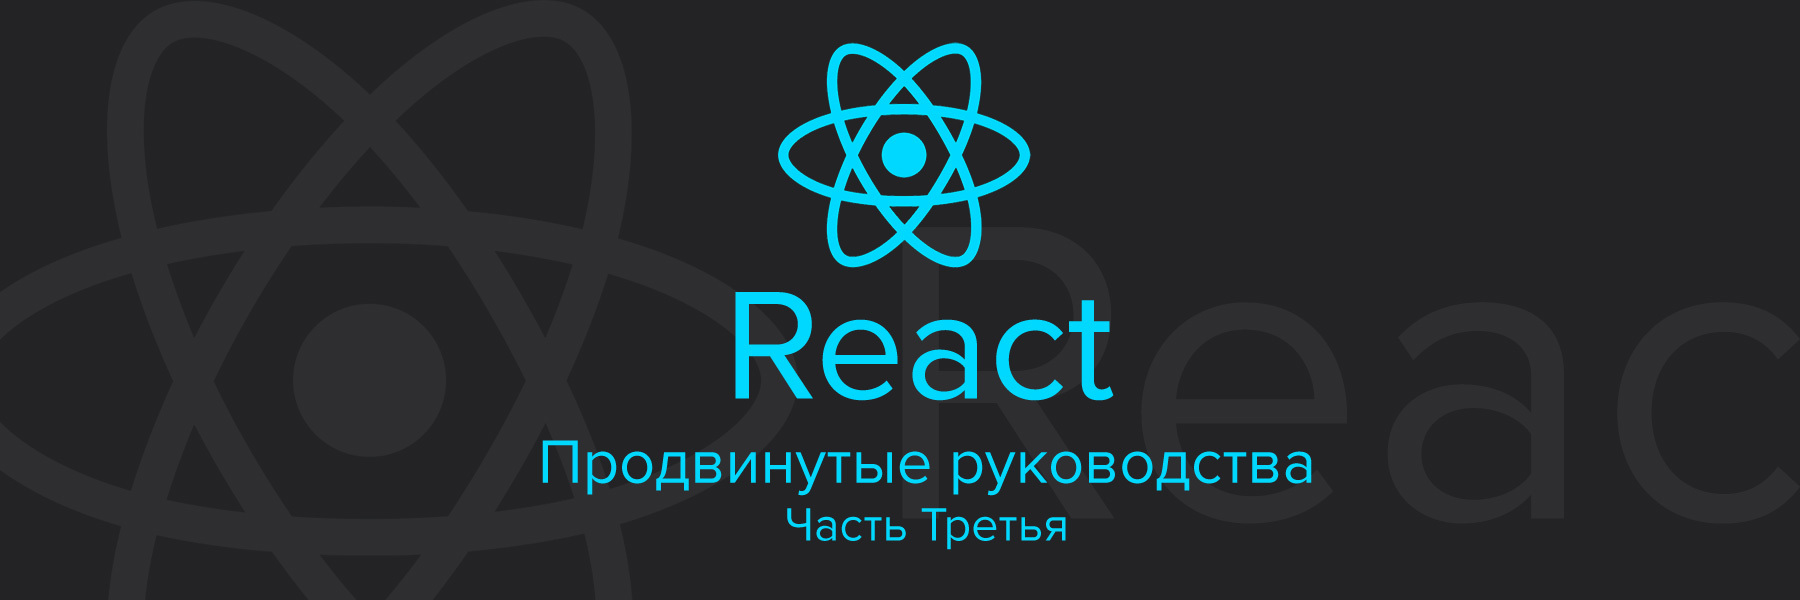 React. Продвинутые руководства. Часть Третья